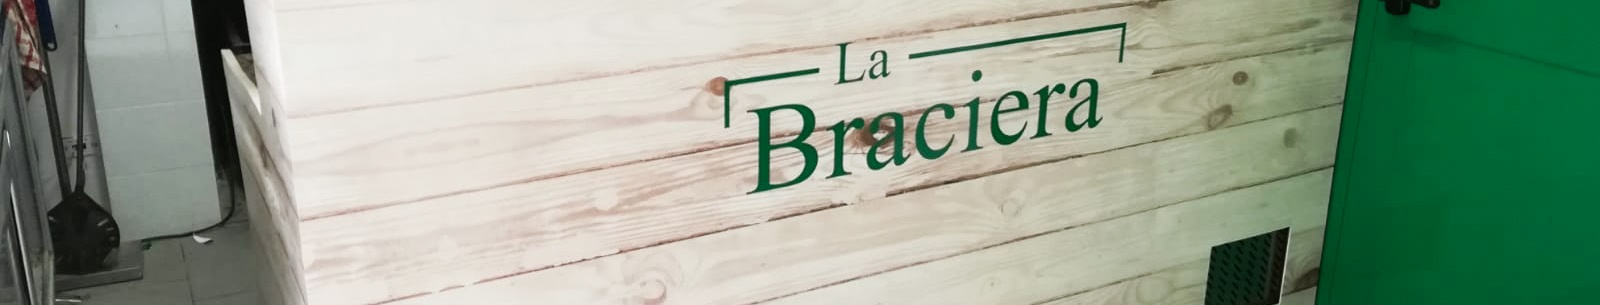 La Braciera